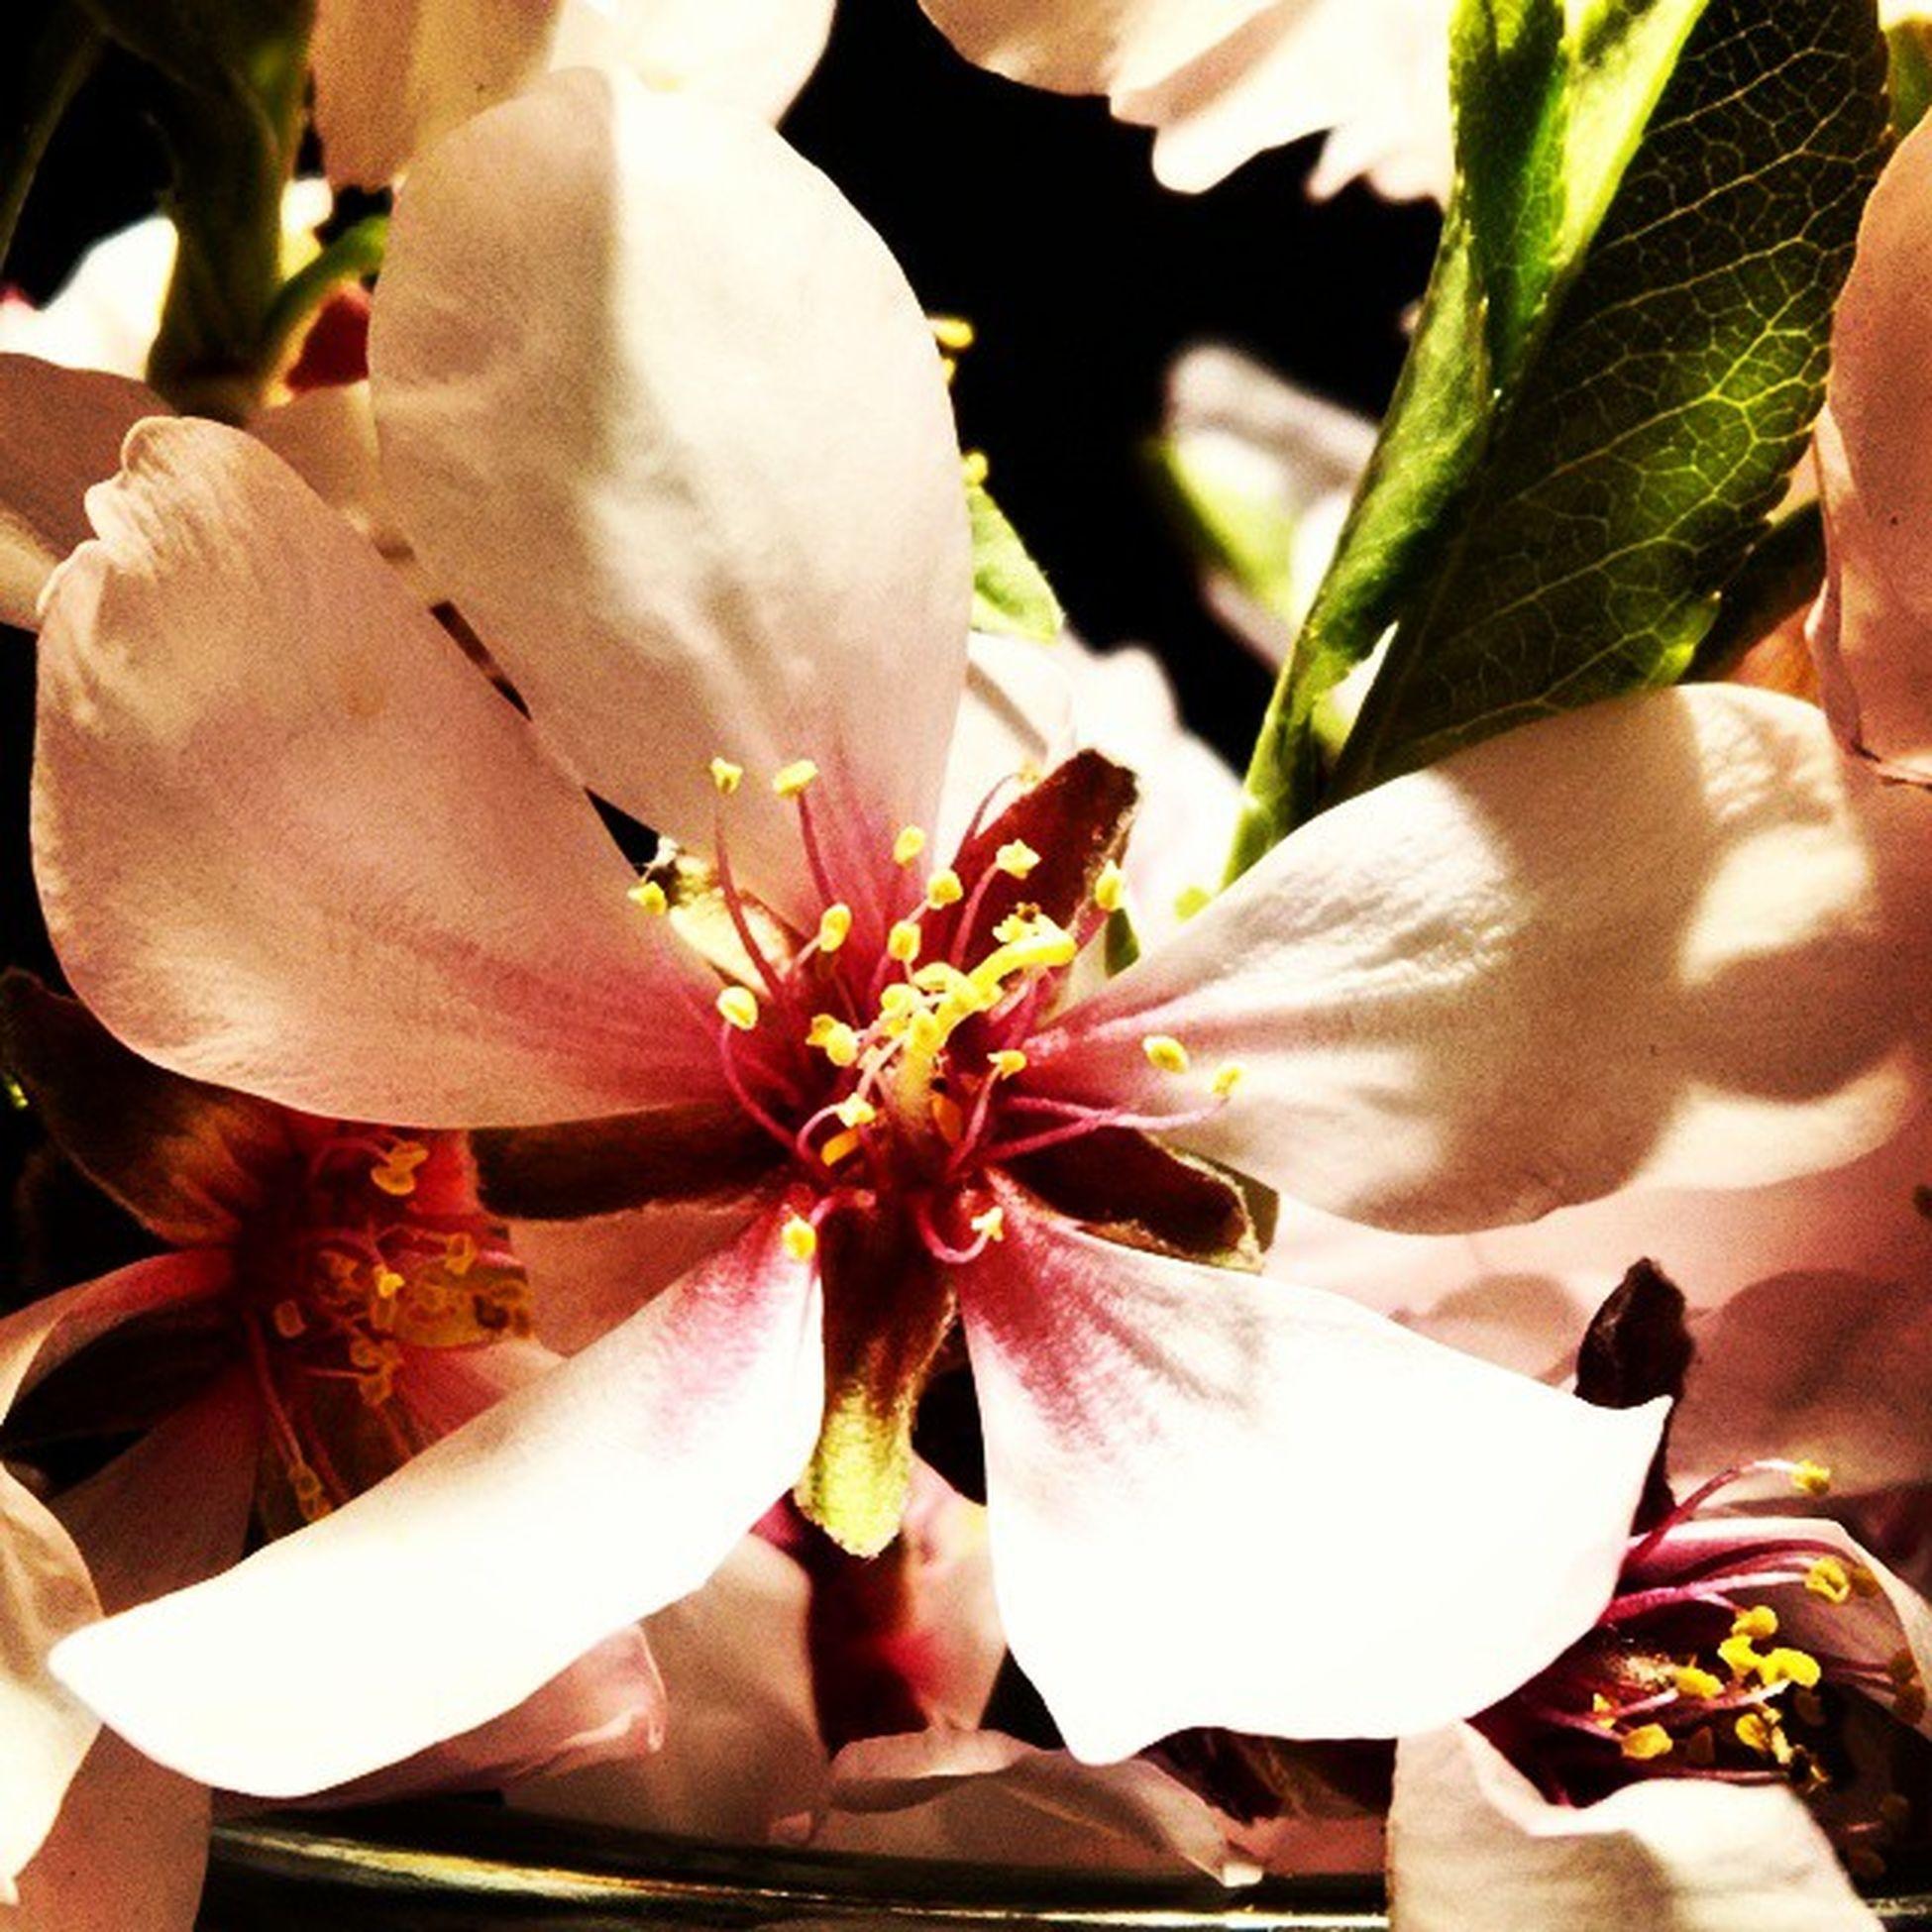 Flor del almendro, llega el buen tiempo... Caloretdelverano